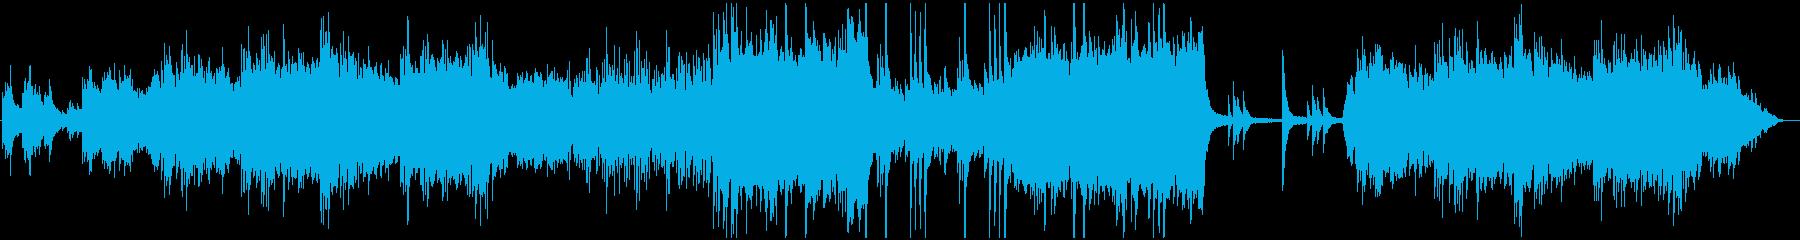 ピアノと弦楽器の物語風BGMの再生済みの波形